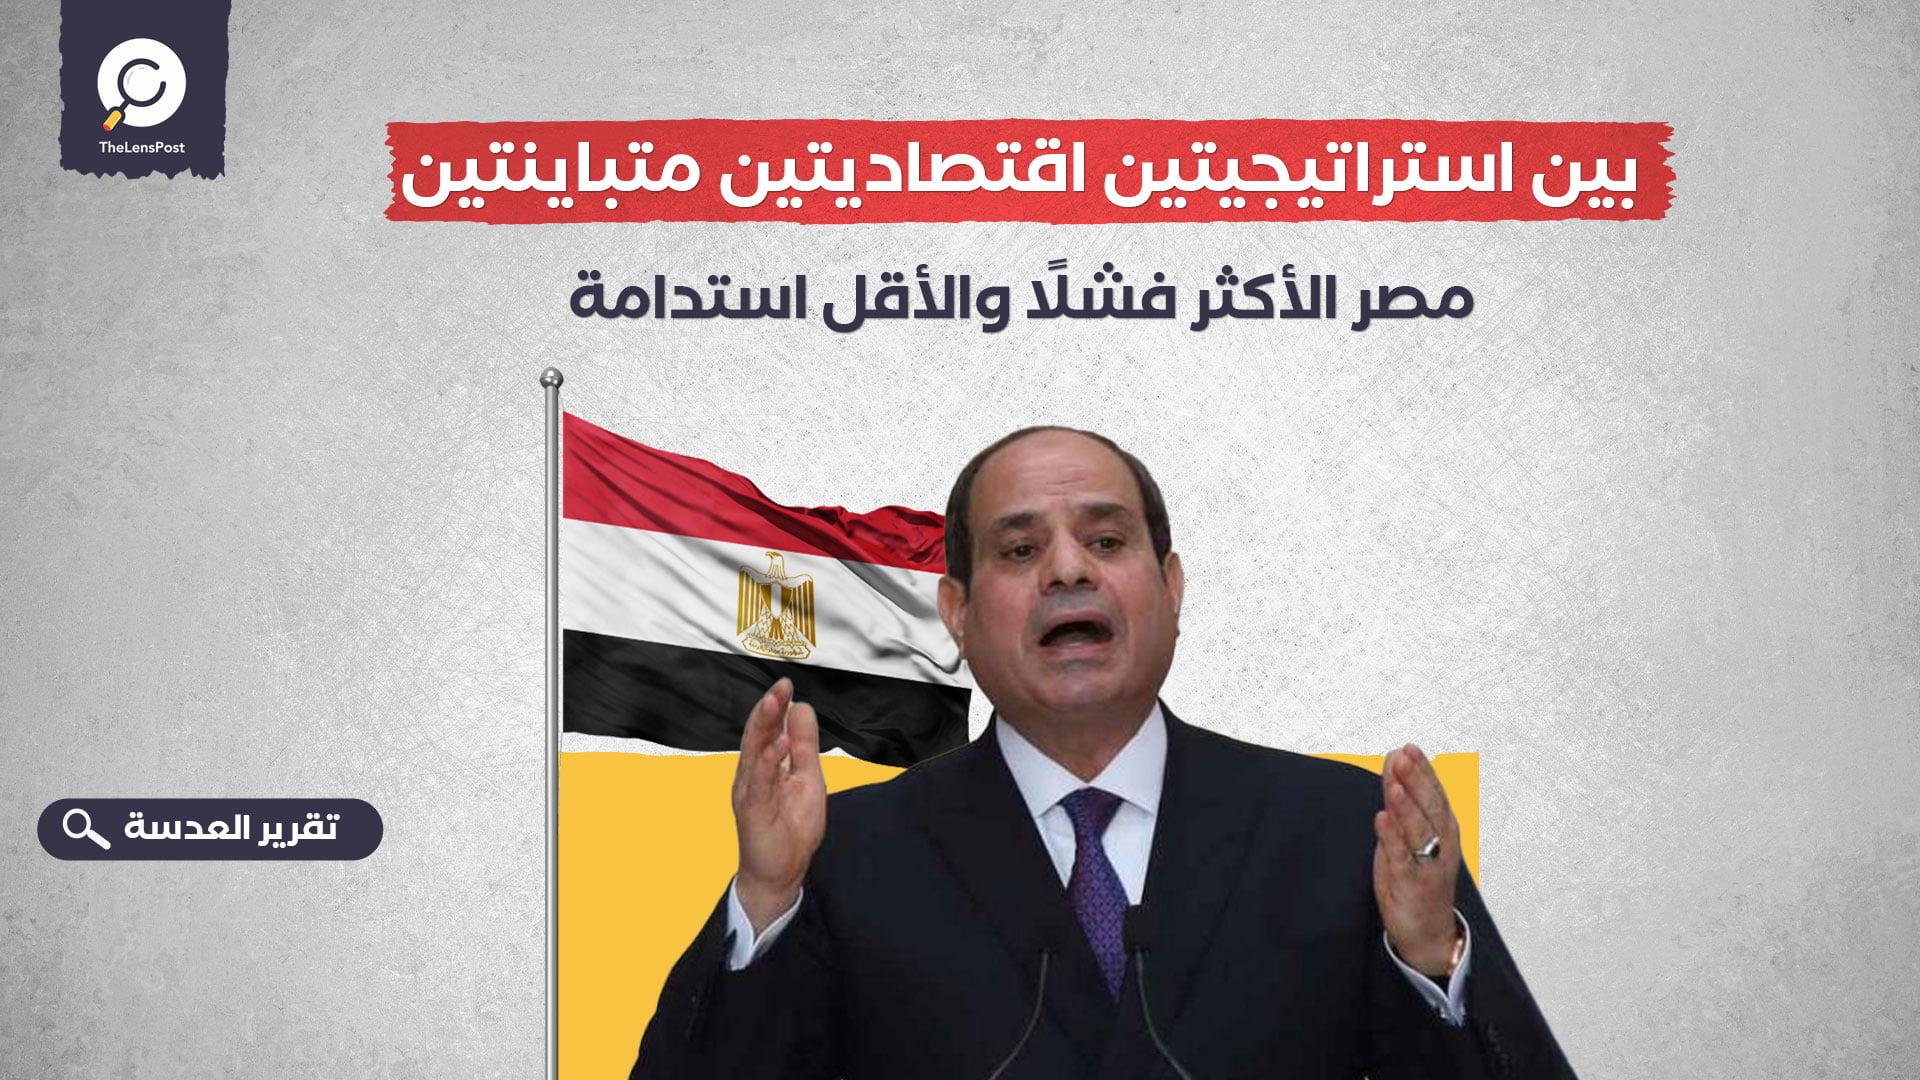 بين استراتيجيتين اقتصاديتين متباينتين.. مصر الأكثر فشلًا والأقل استدامة